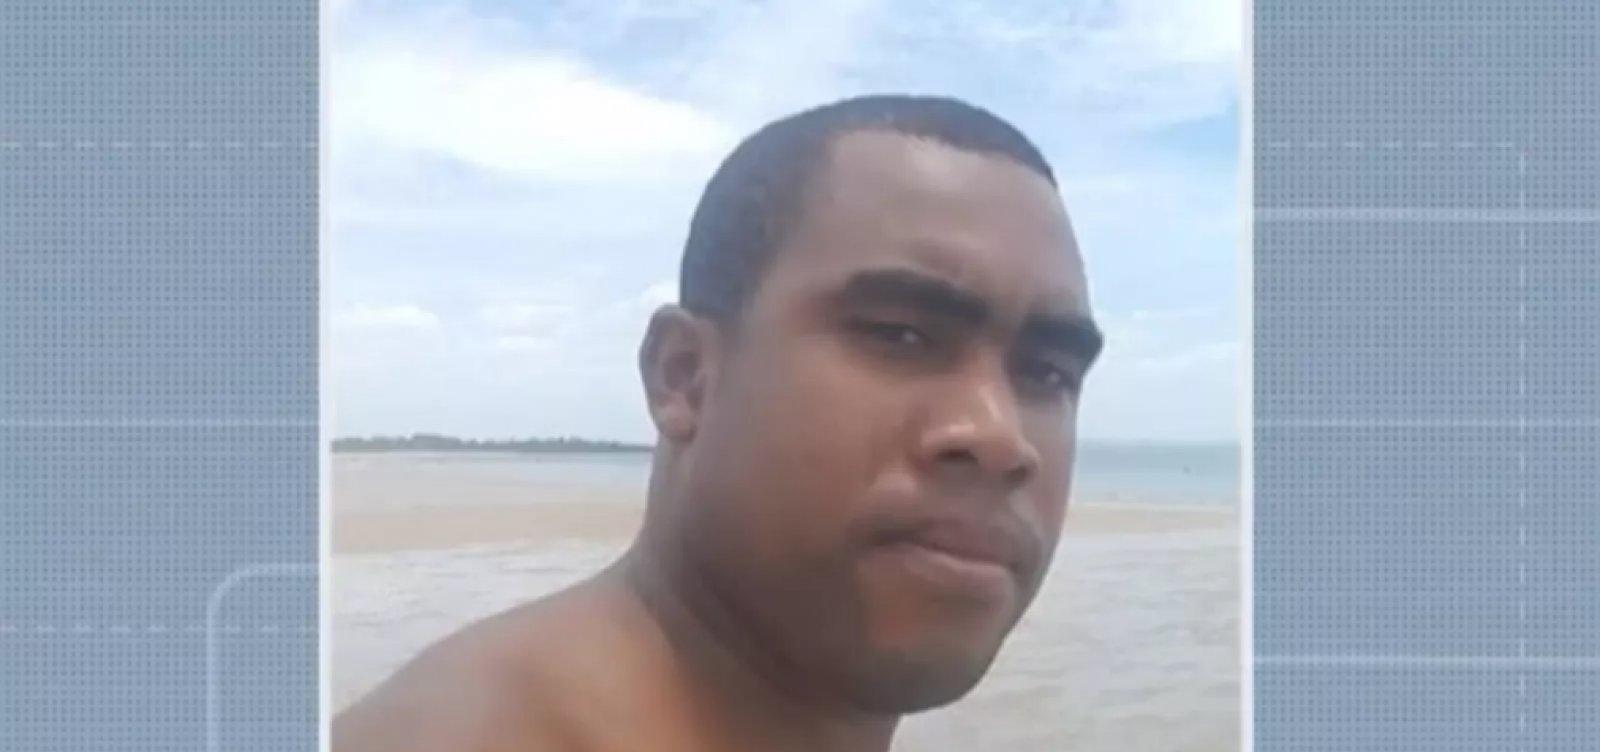 [Suspeito de matar ex-namorada a tiros em Cachoeira tem prisão preventiva decretada]